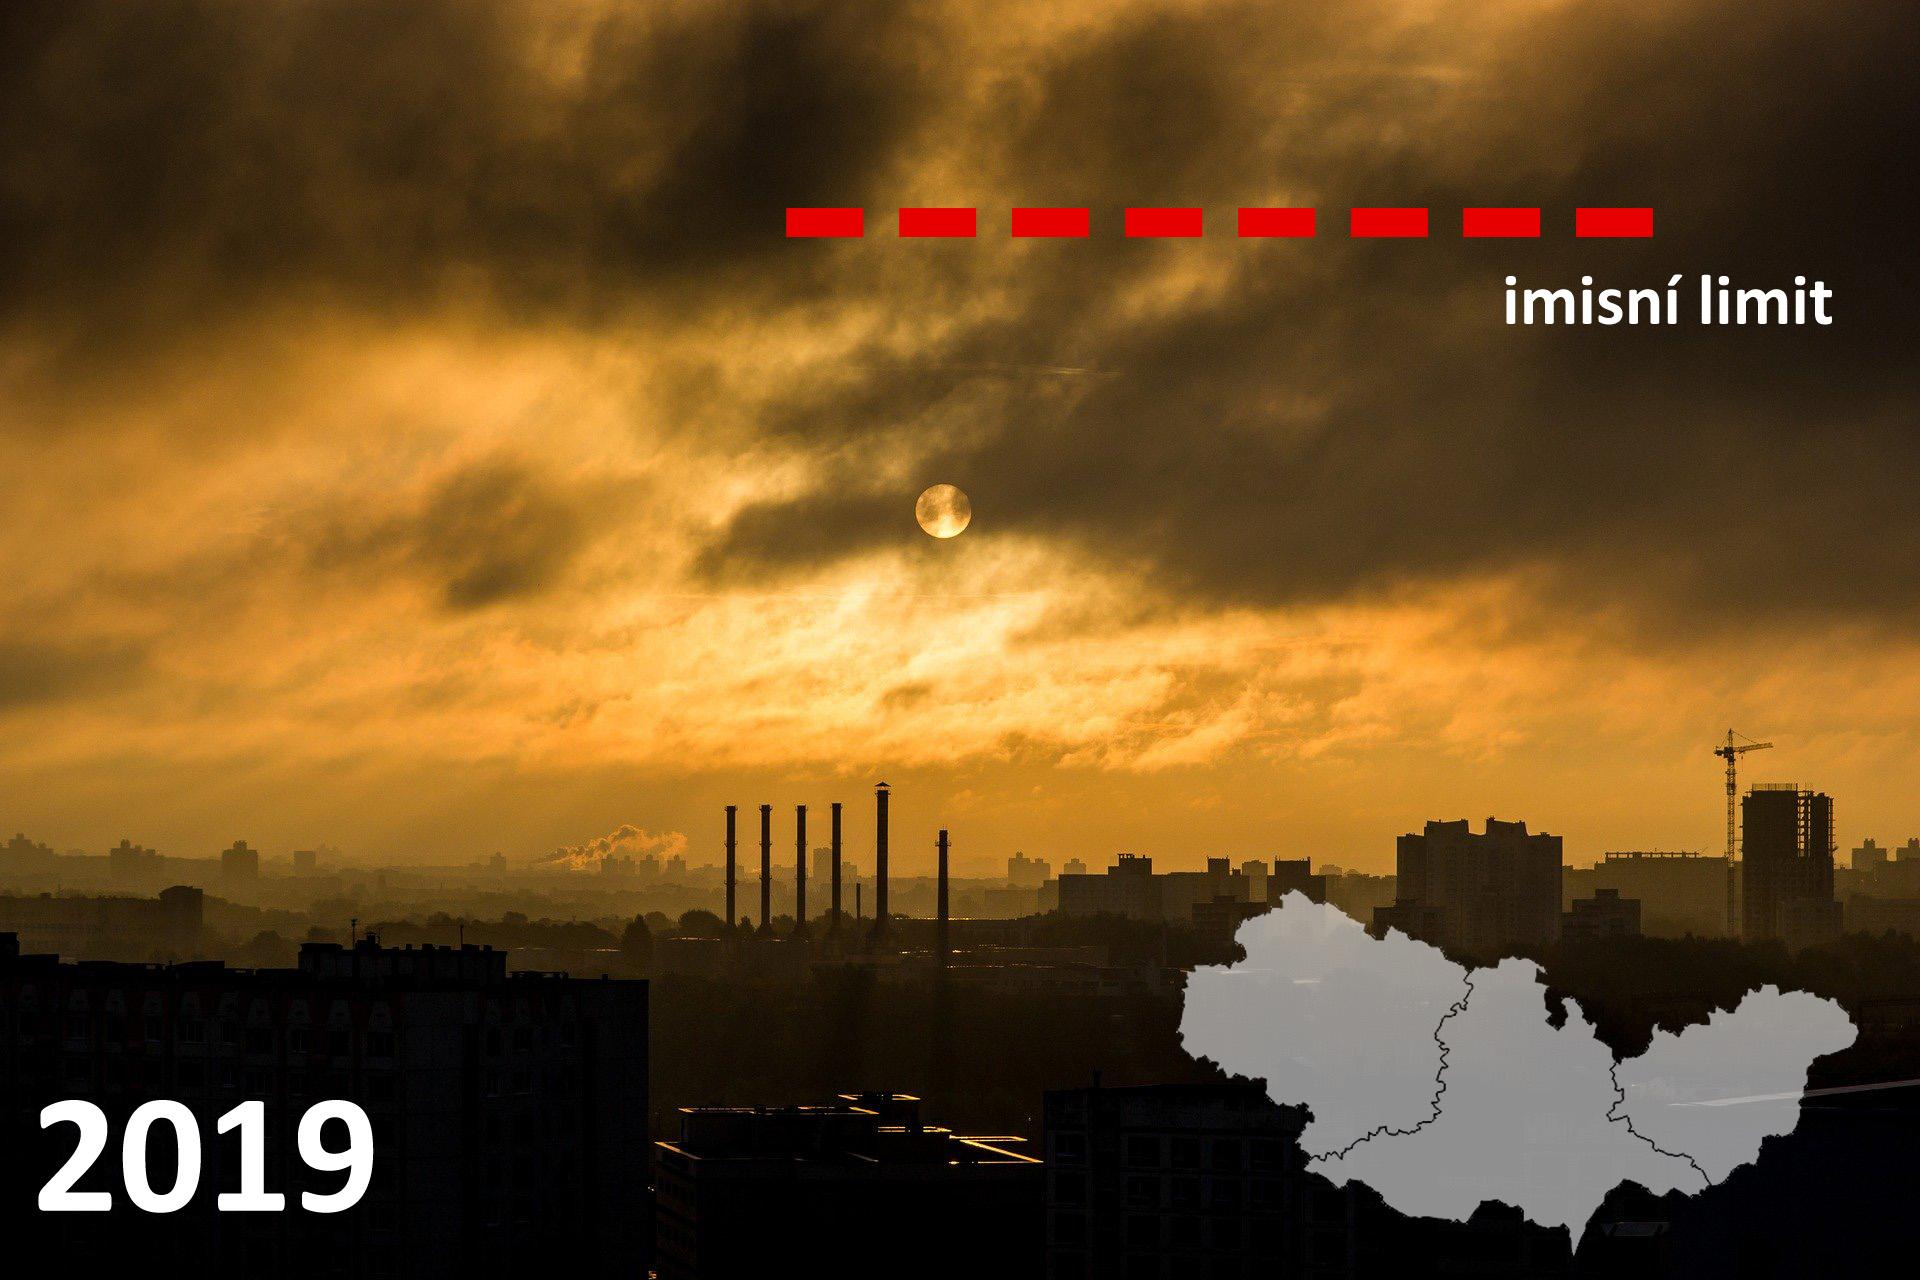 Překračování imisních limitů v kraji Jihomoravském, Zlínském a Vysočina 2019 – předběžné výsledky PM108 min čtení